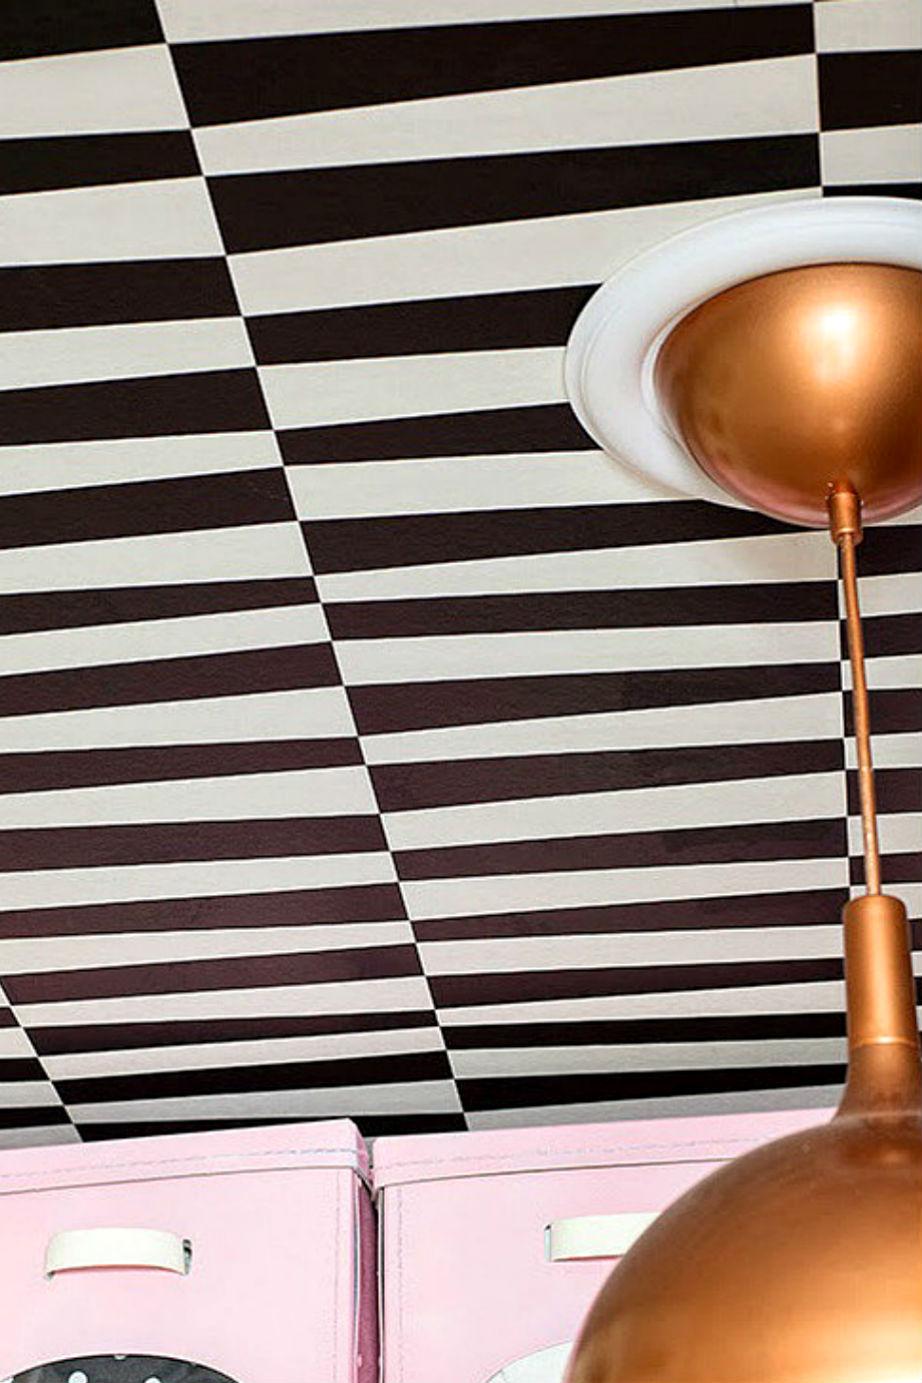 Χρώμα και στο ταβάνι για άμεση ανανέωση.